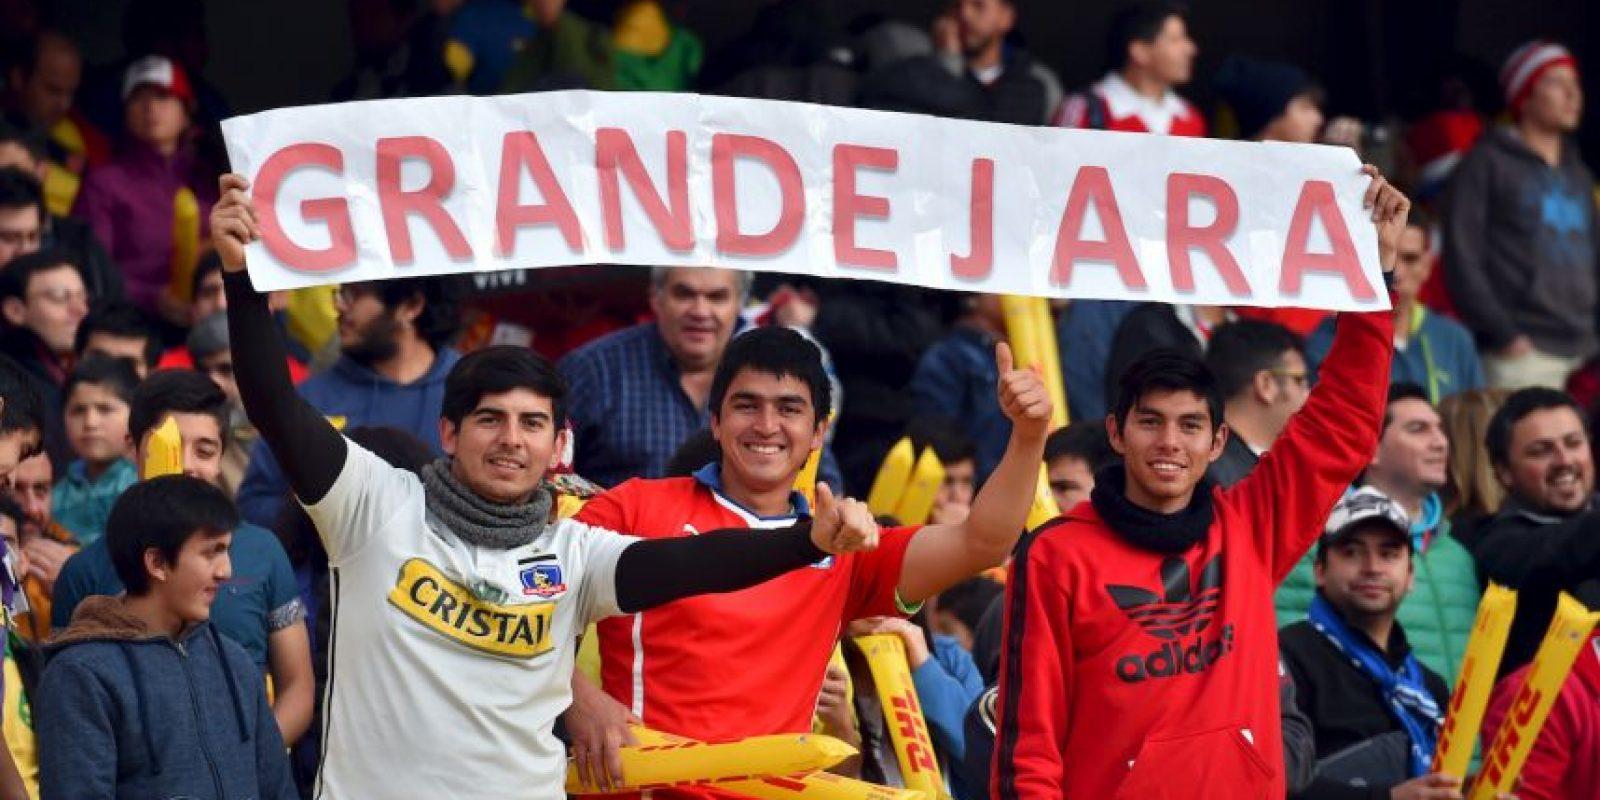 """Aunque Gonzalo Jara fue muy criticado por provocar a Edinson Cavani metiéndole un dedo en el trasero en pleno partido, algunos hinchas """"celebran"""" al defensa chileno. Foto:AFP"""